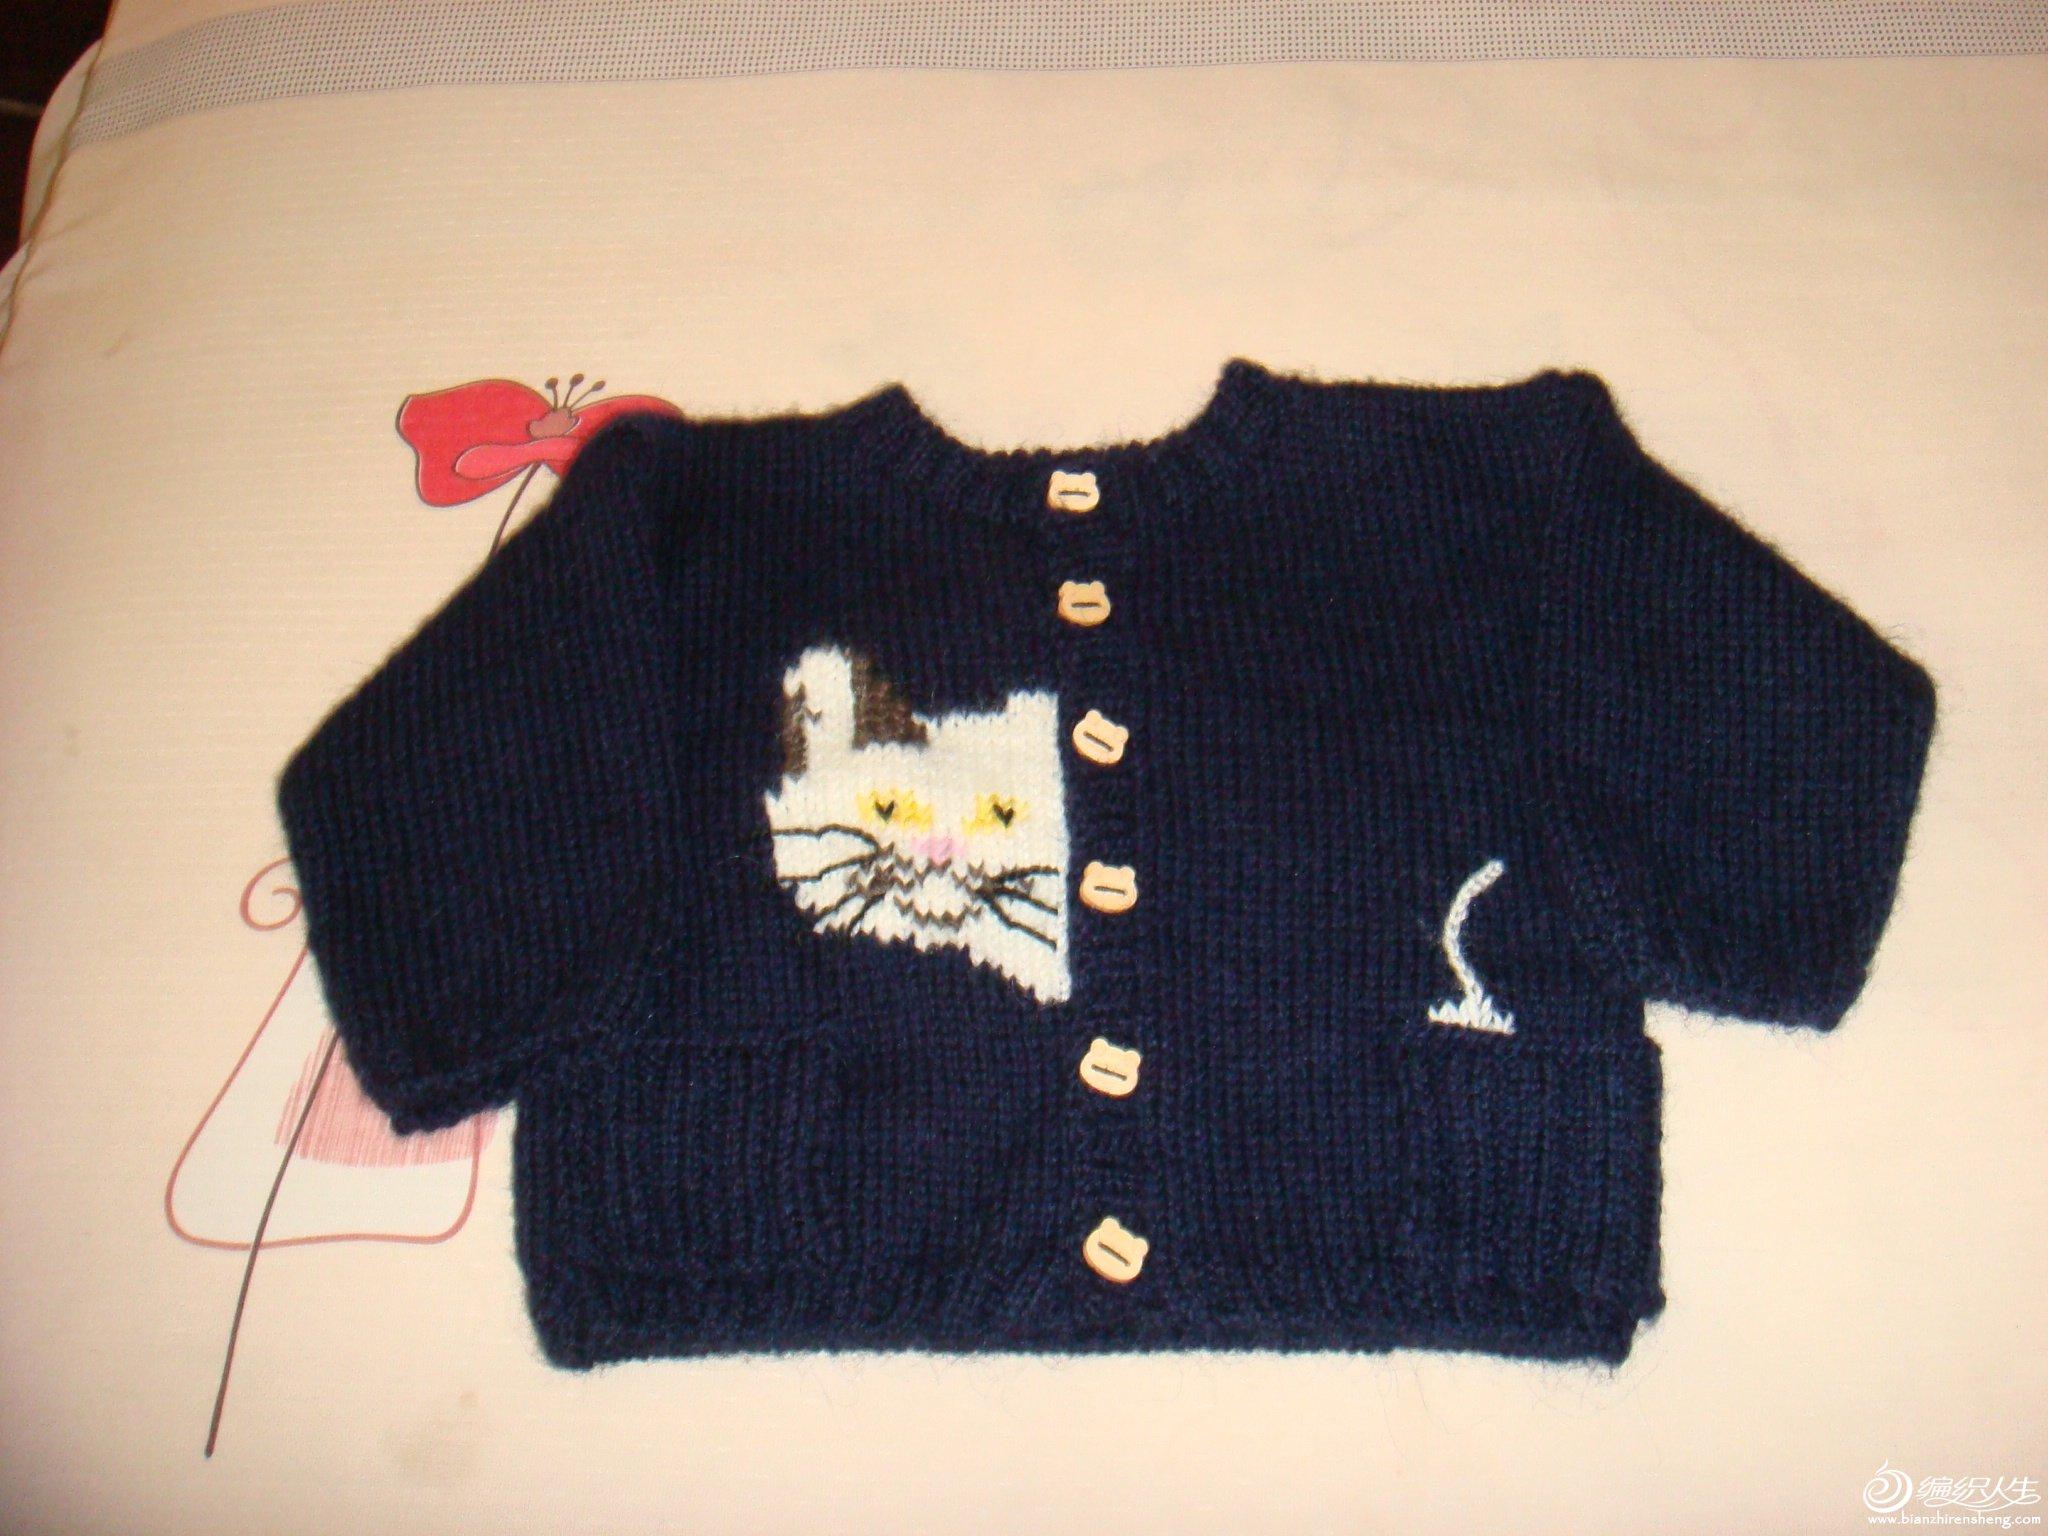 满天星,空调毯 61  有机棉宝宝衫---《粉卷卷 》 61  婴儿毛衣 6